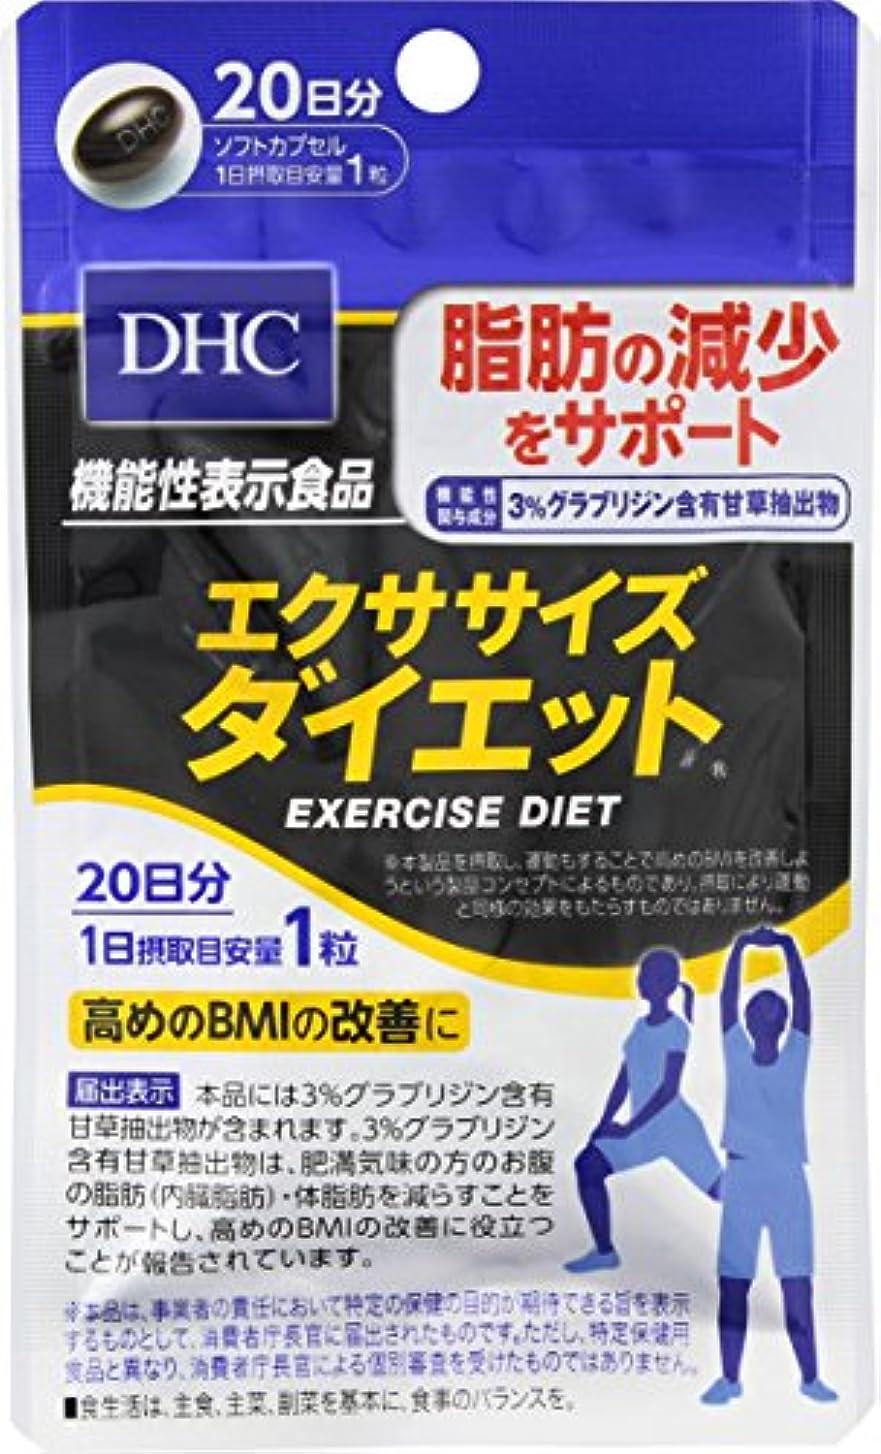 とは異なりブレーキ計算するDHC エクササイズダイエット 20日 20粒【機能性表示食品】